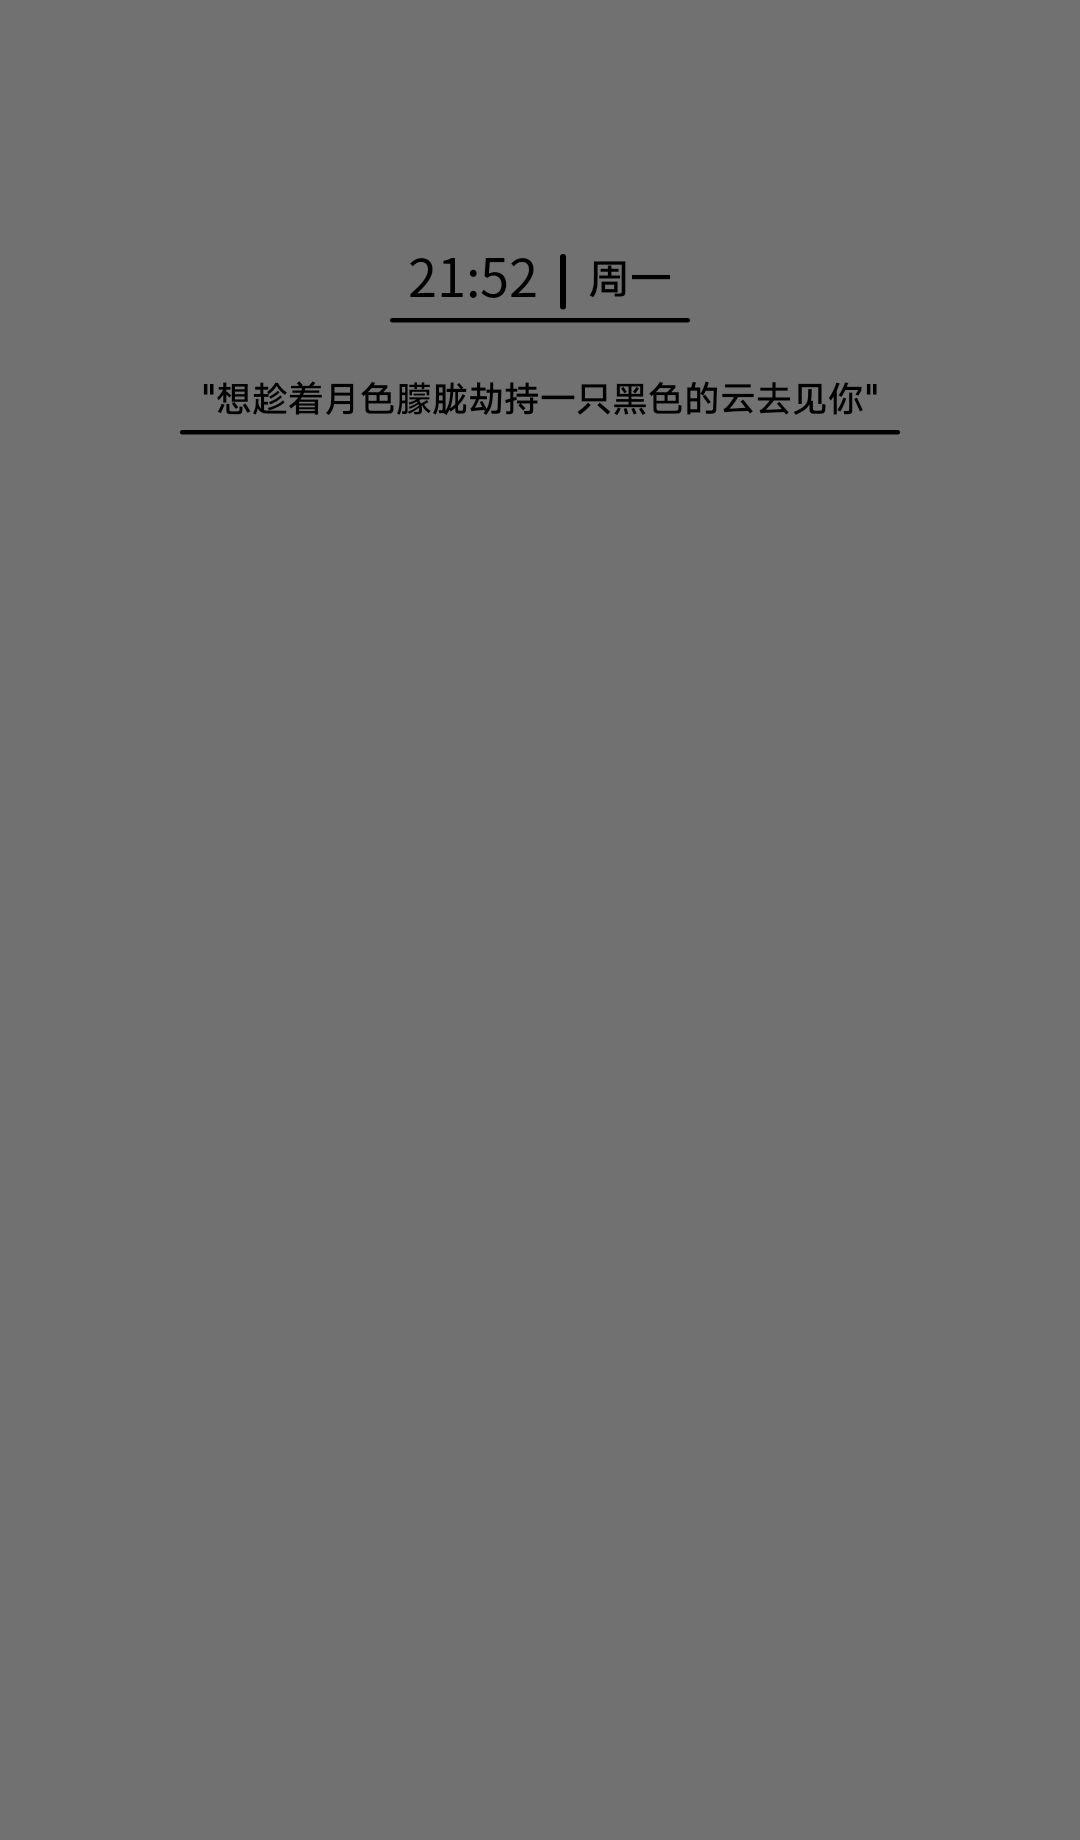 qq_pic_merged_1599356535004.jpg